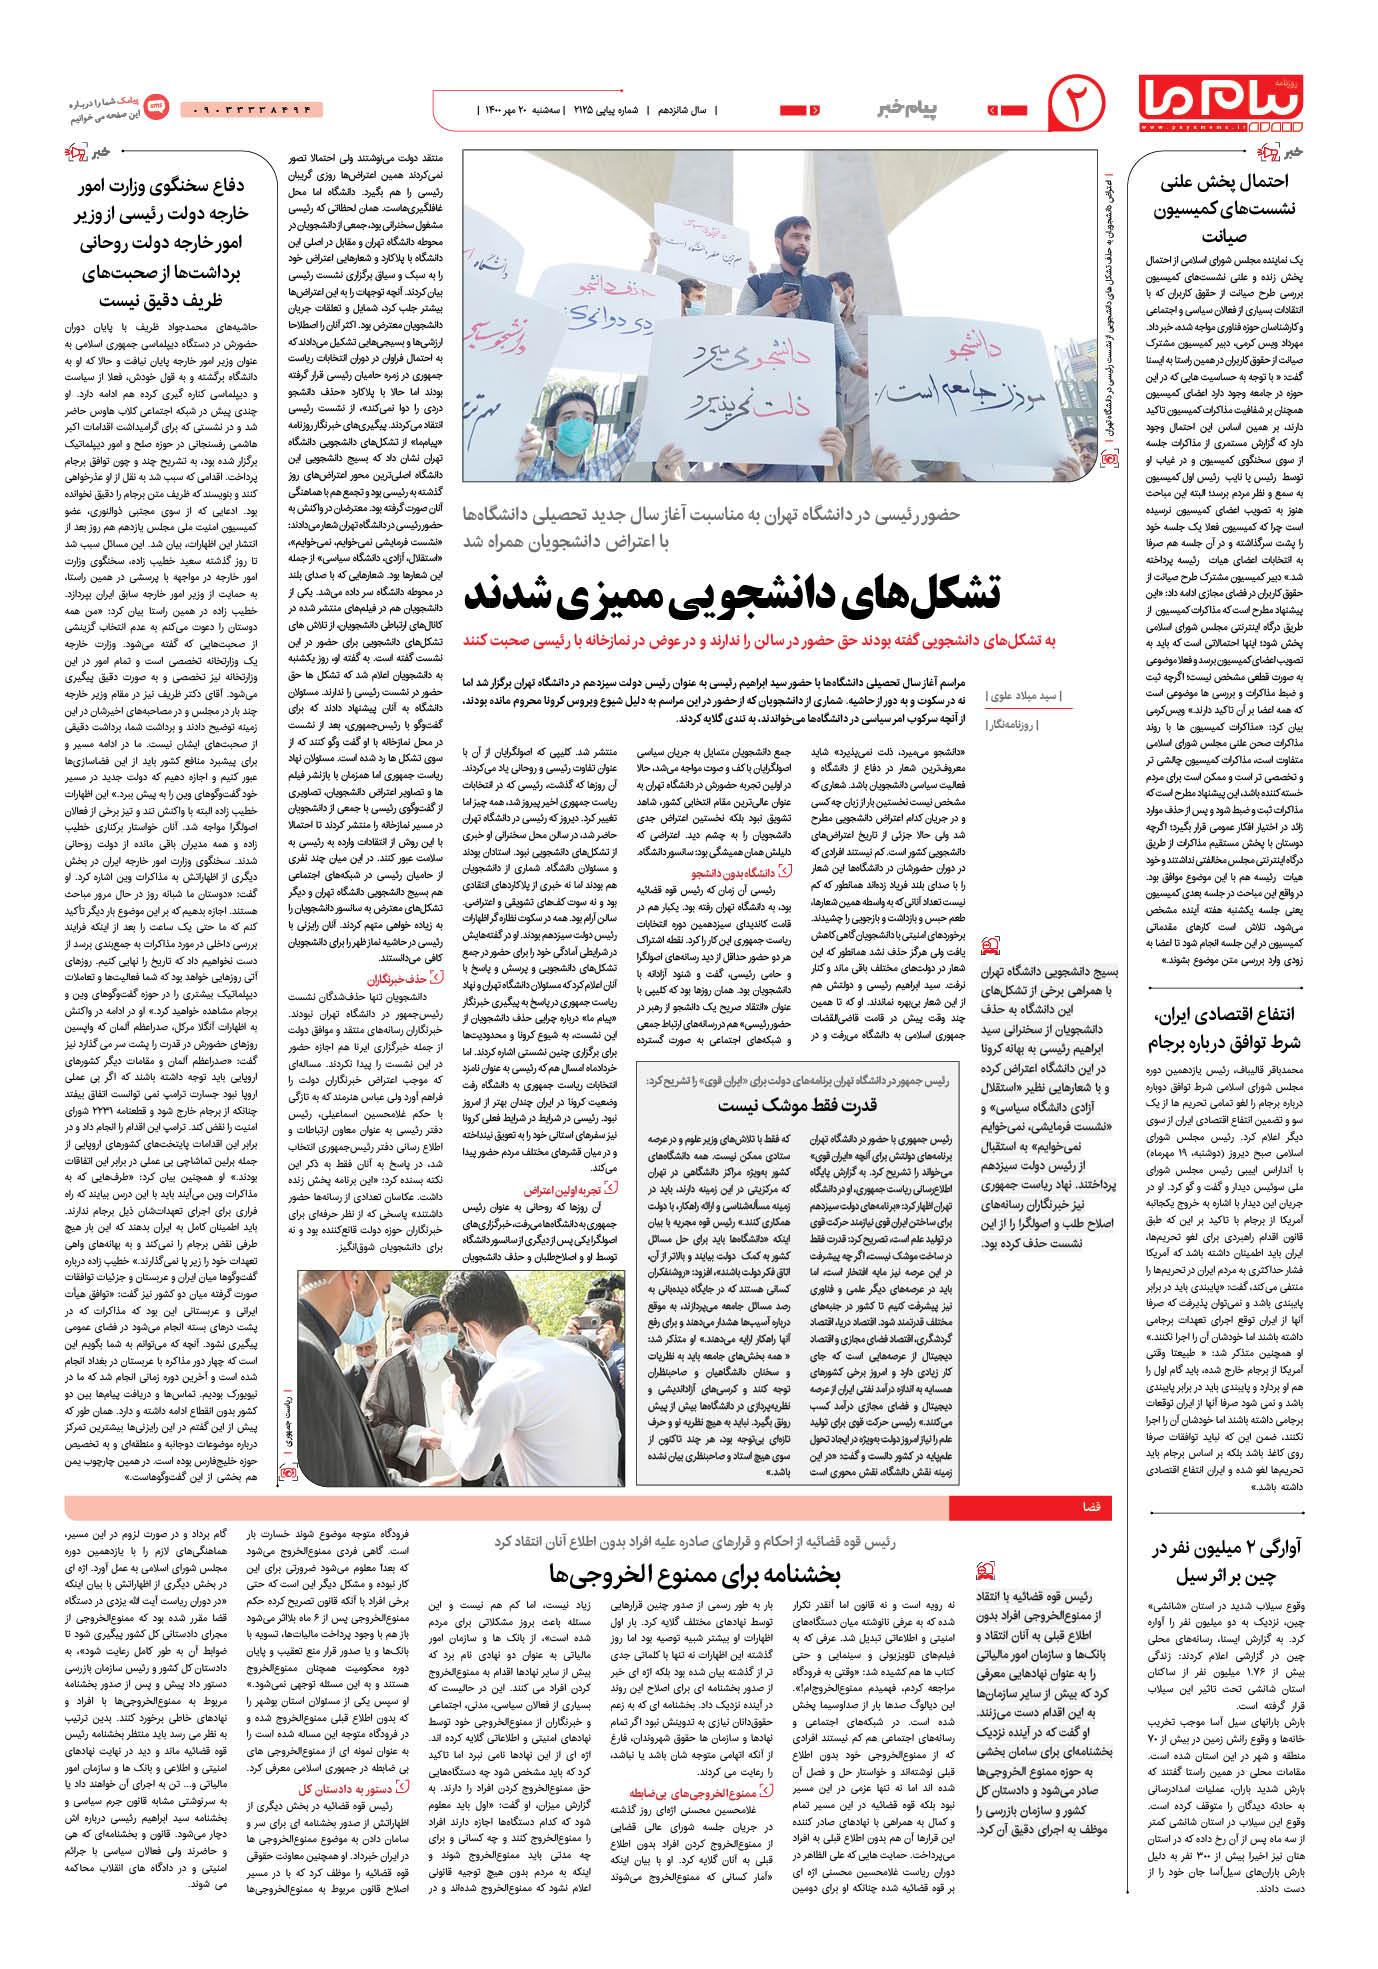 صفحه پیام خبر شماره 2125 روزنامه پیام ما